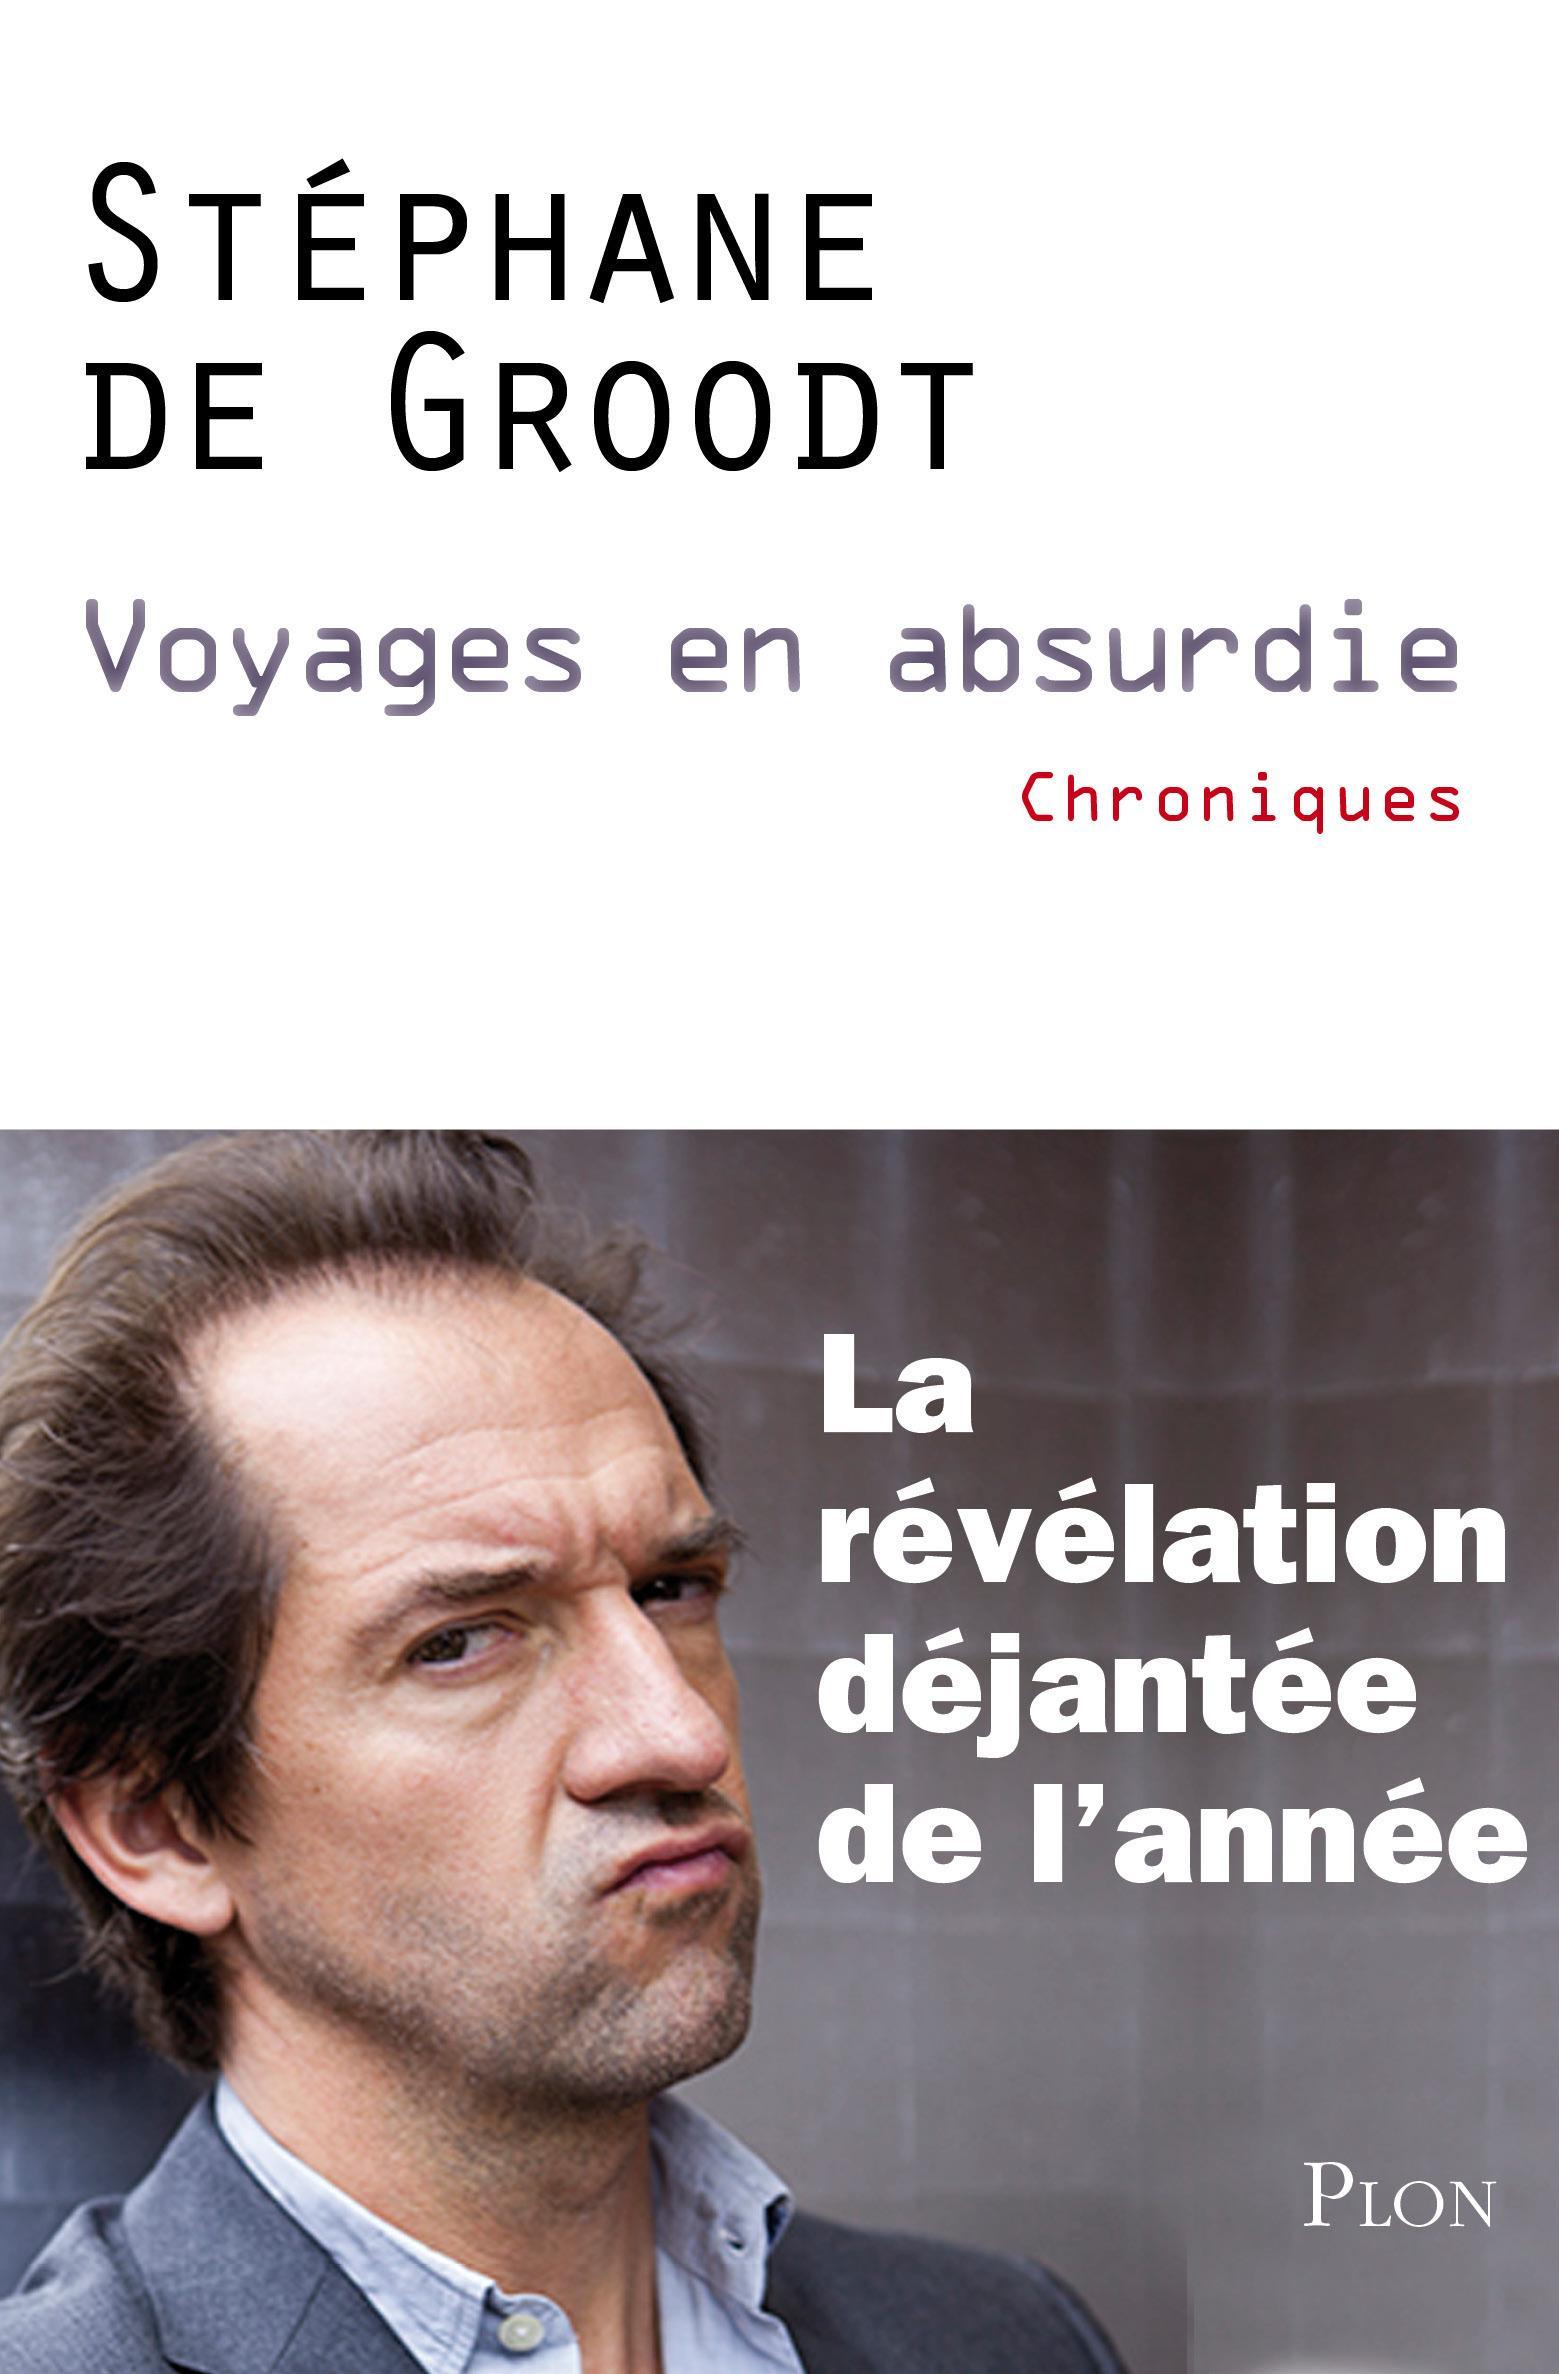 Voyages en absurdie Stephane de groodt [MULTI]